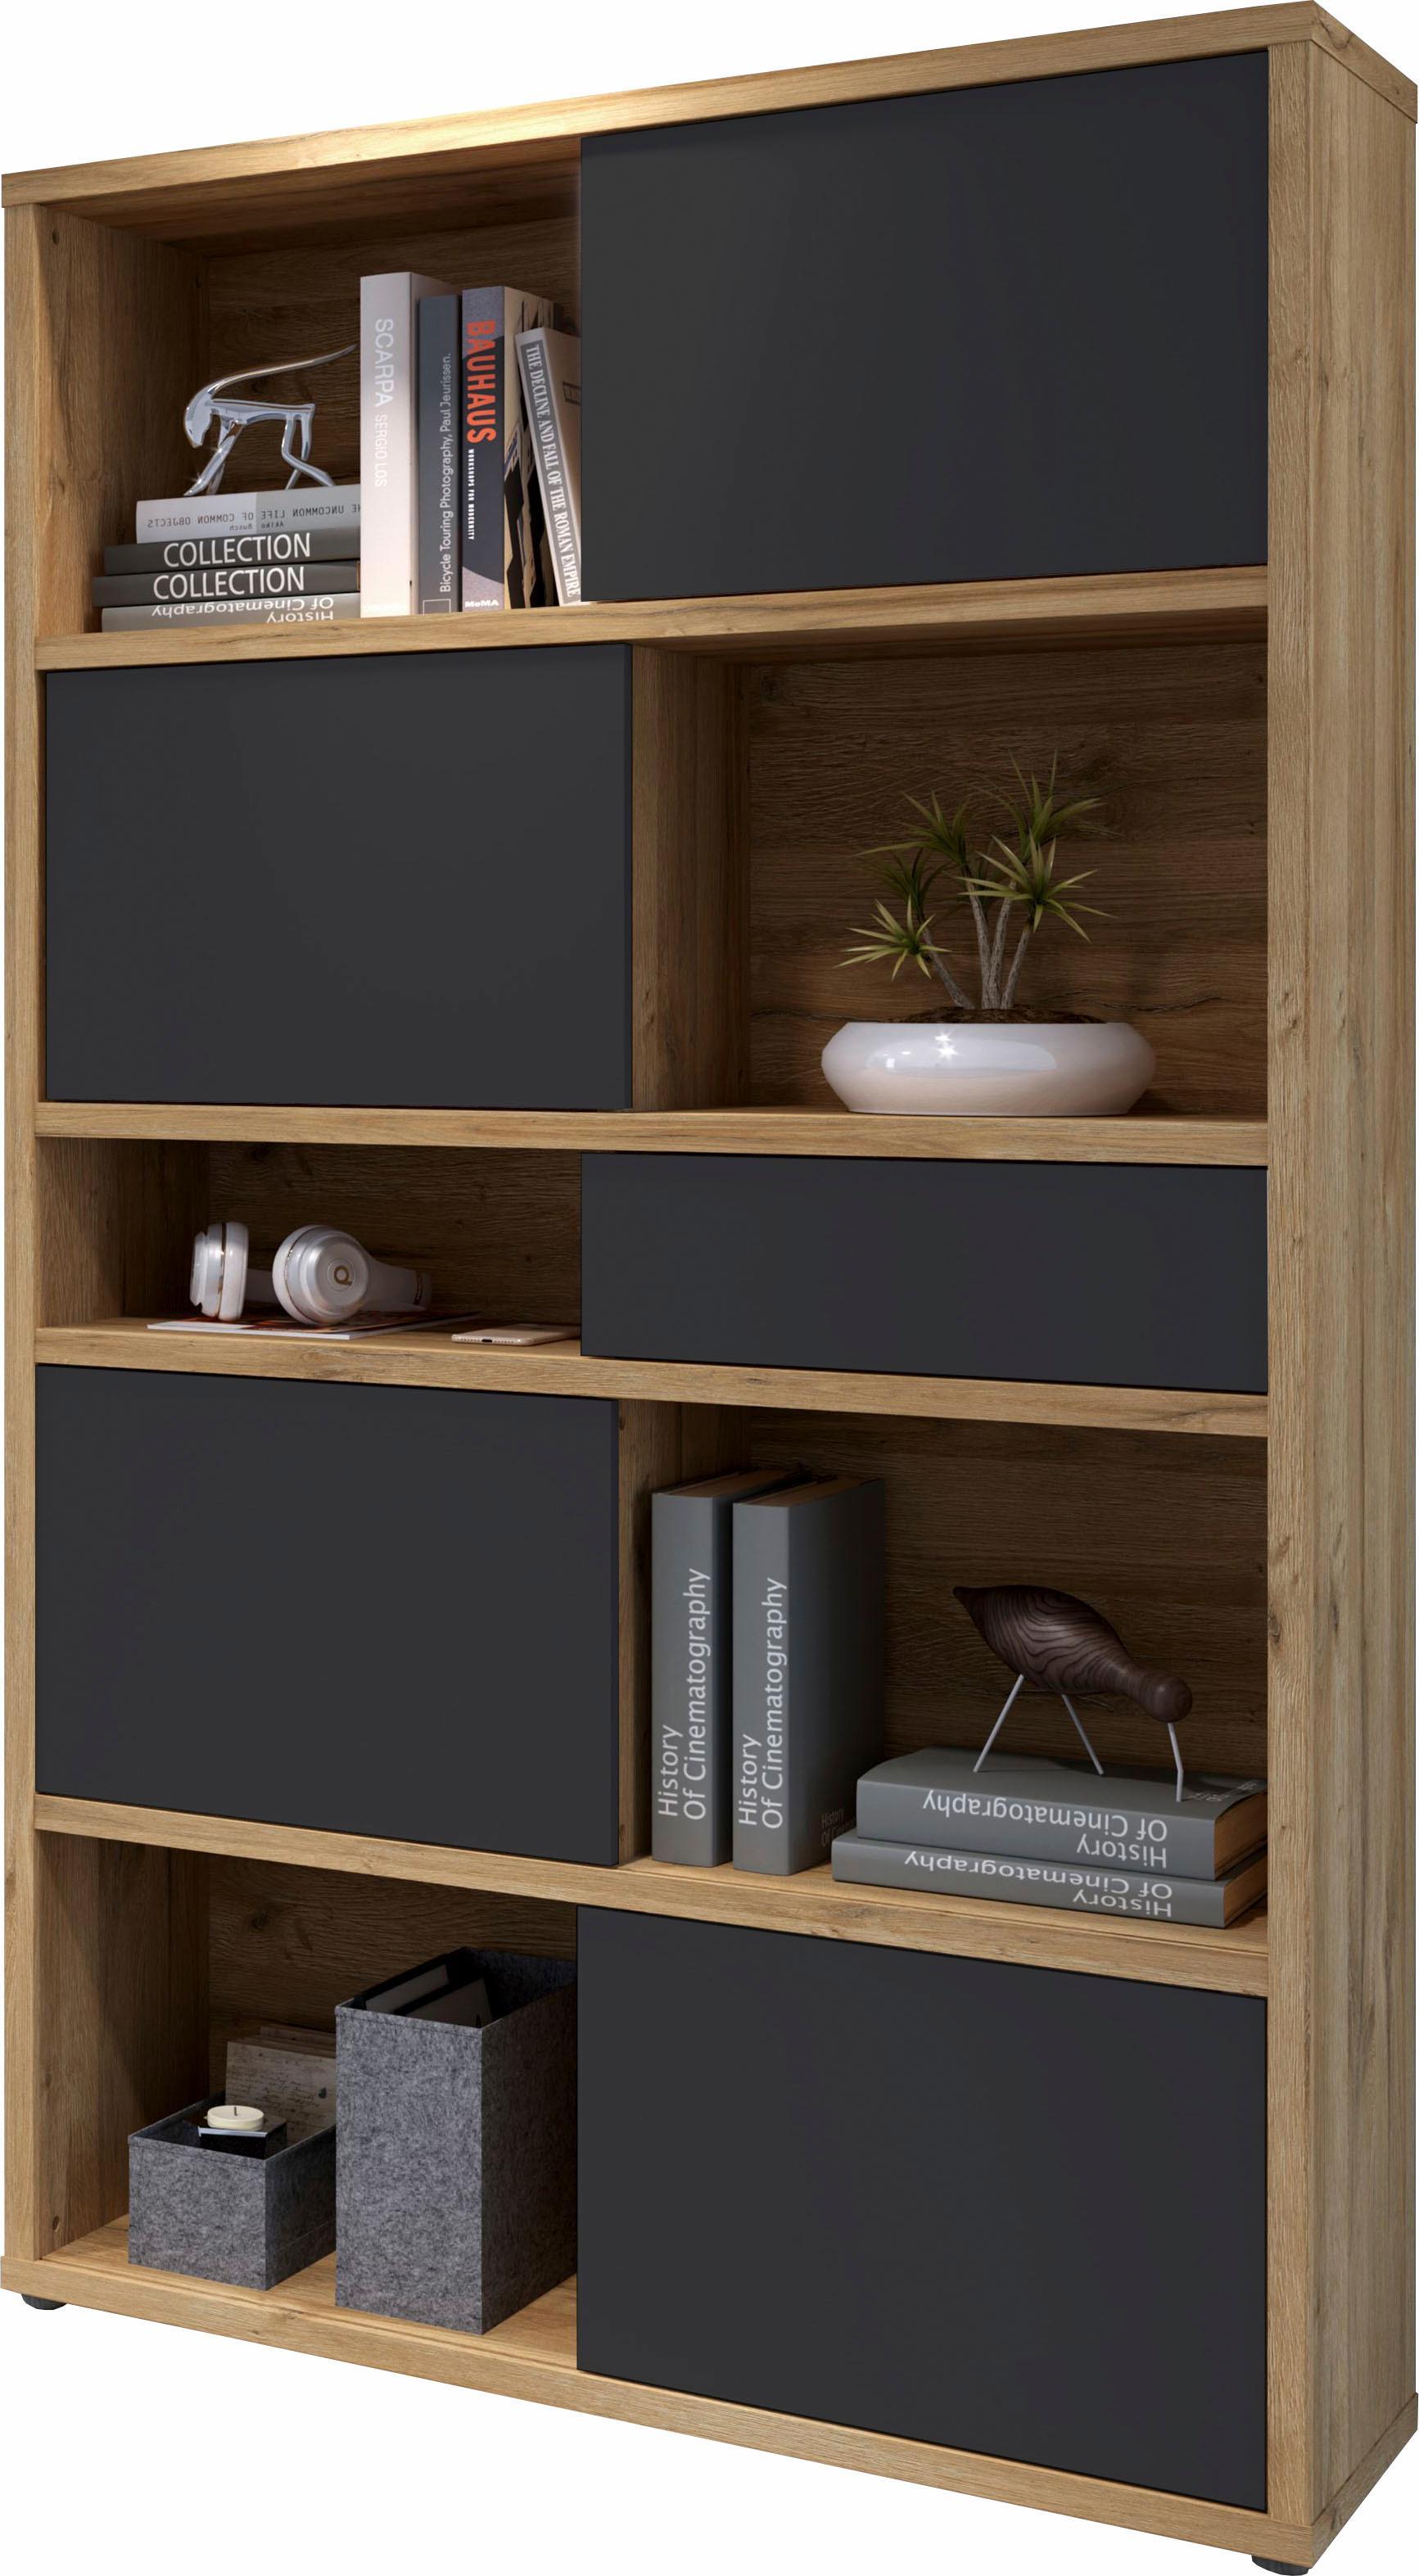 regal slide mit r ckwand und schiebefronten bestellen baur. Black Bedroom Furniture Sets. Home Design Ideas